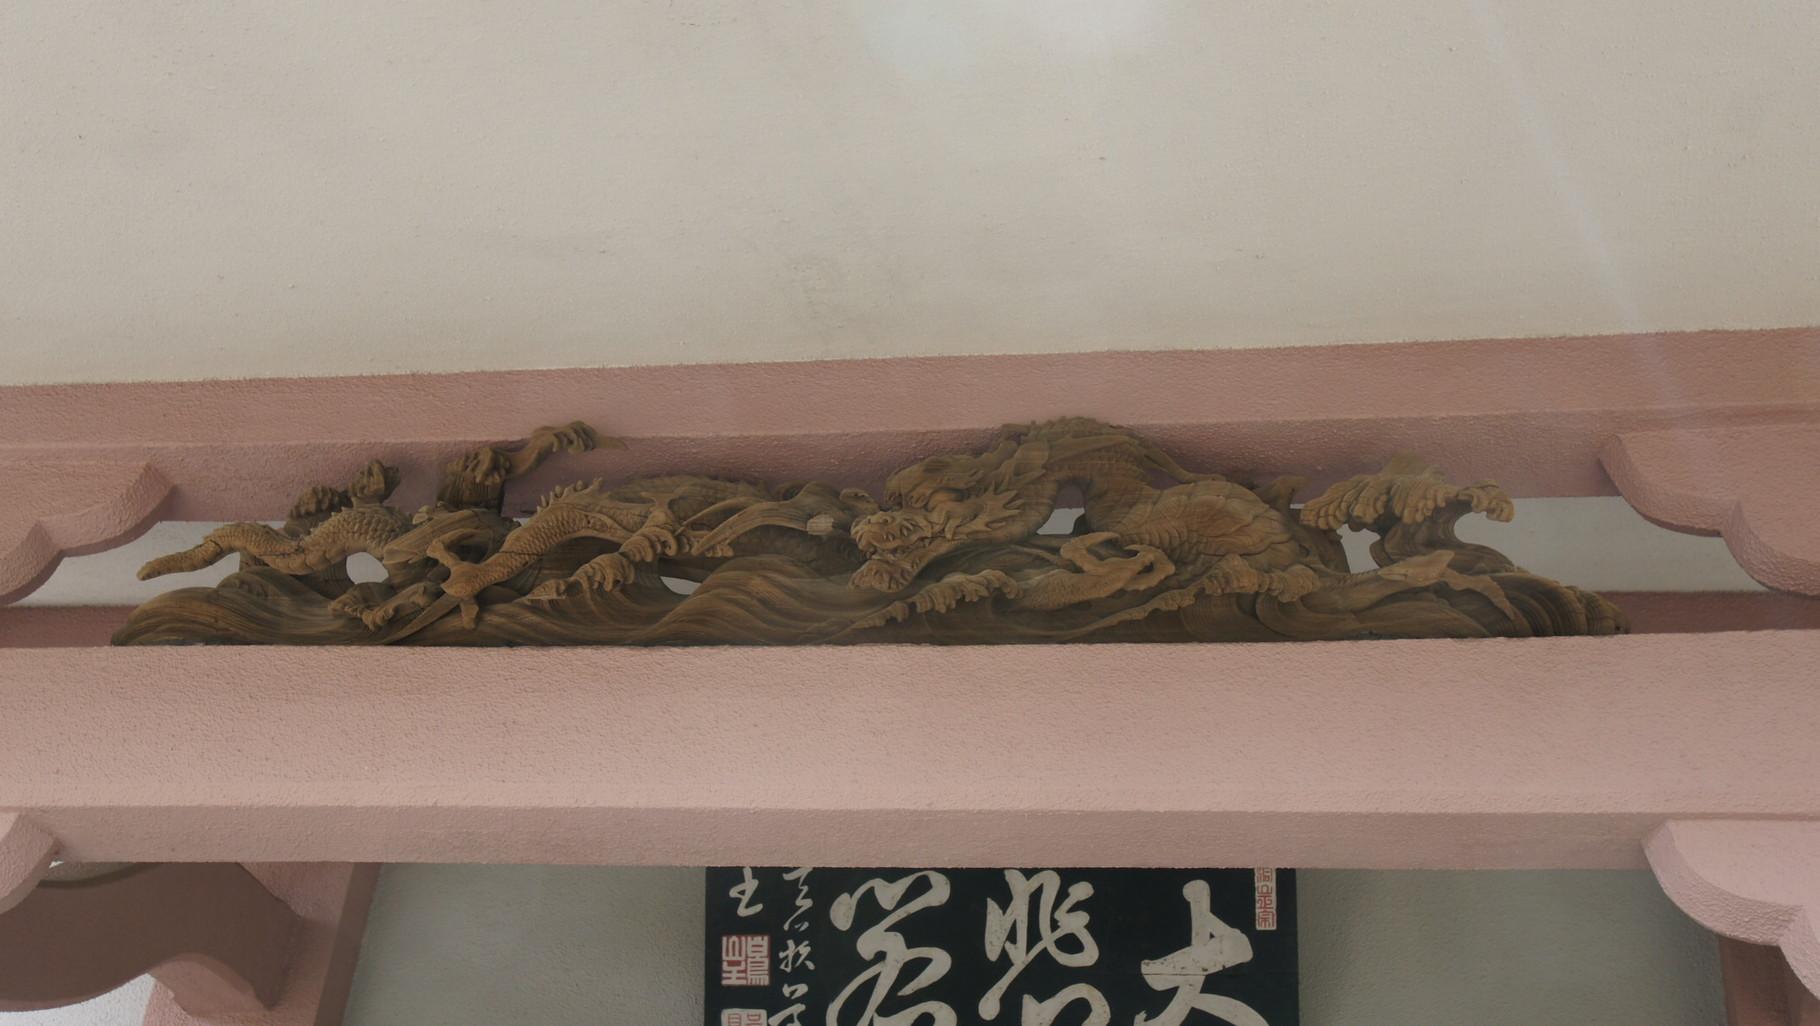 西 叶 神社の彫刻